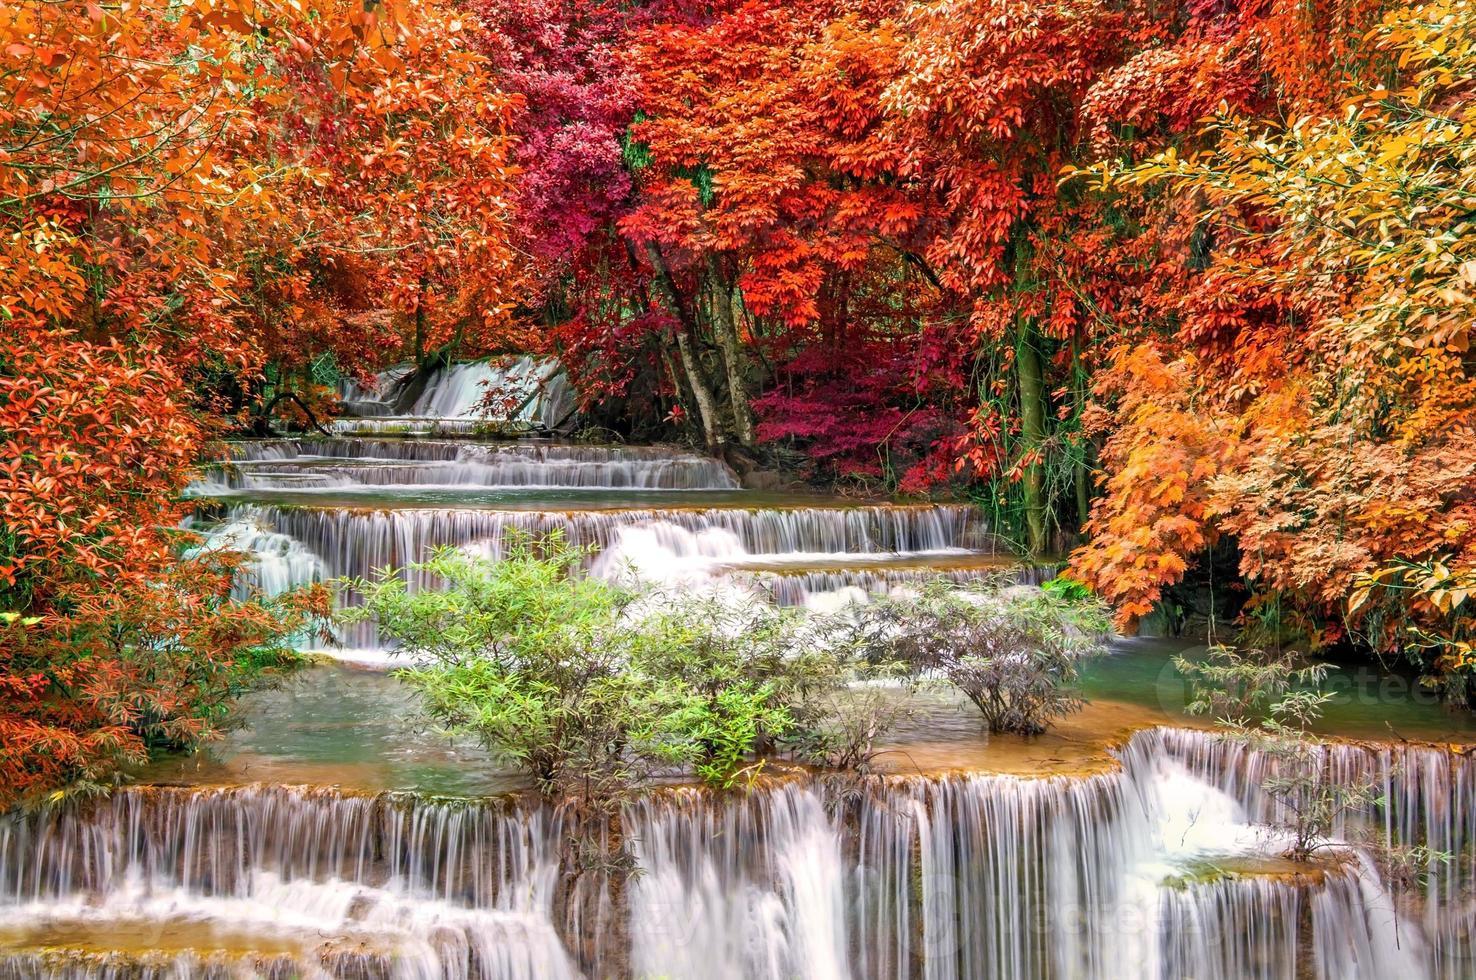 cachoeira na selva profunda floresta tropical no parque nacional, foto